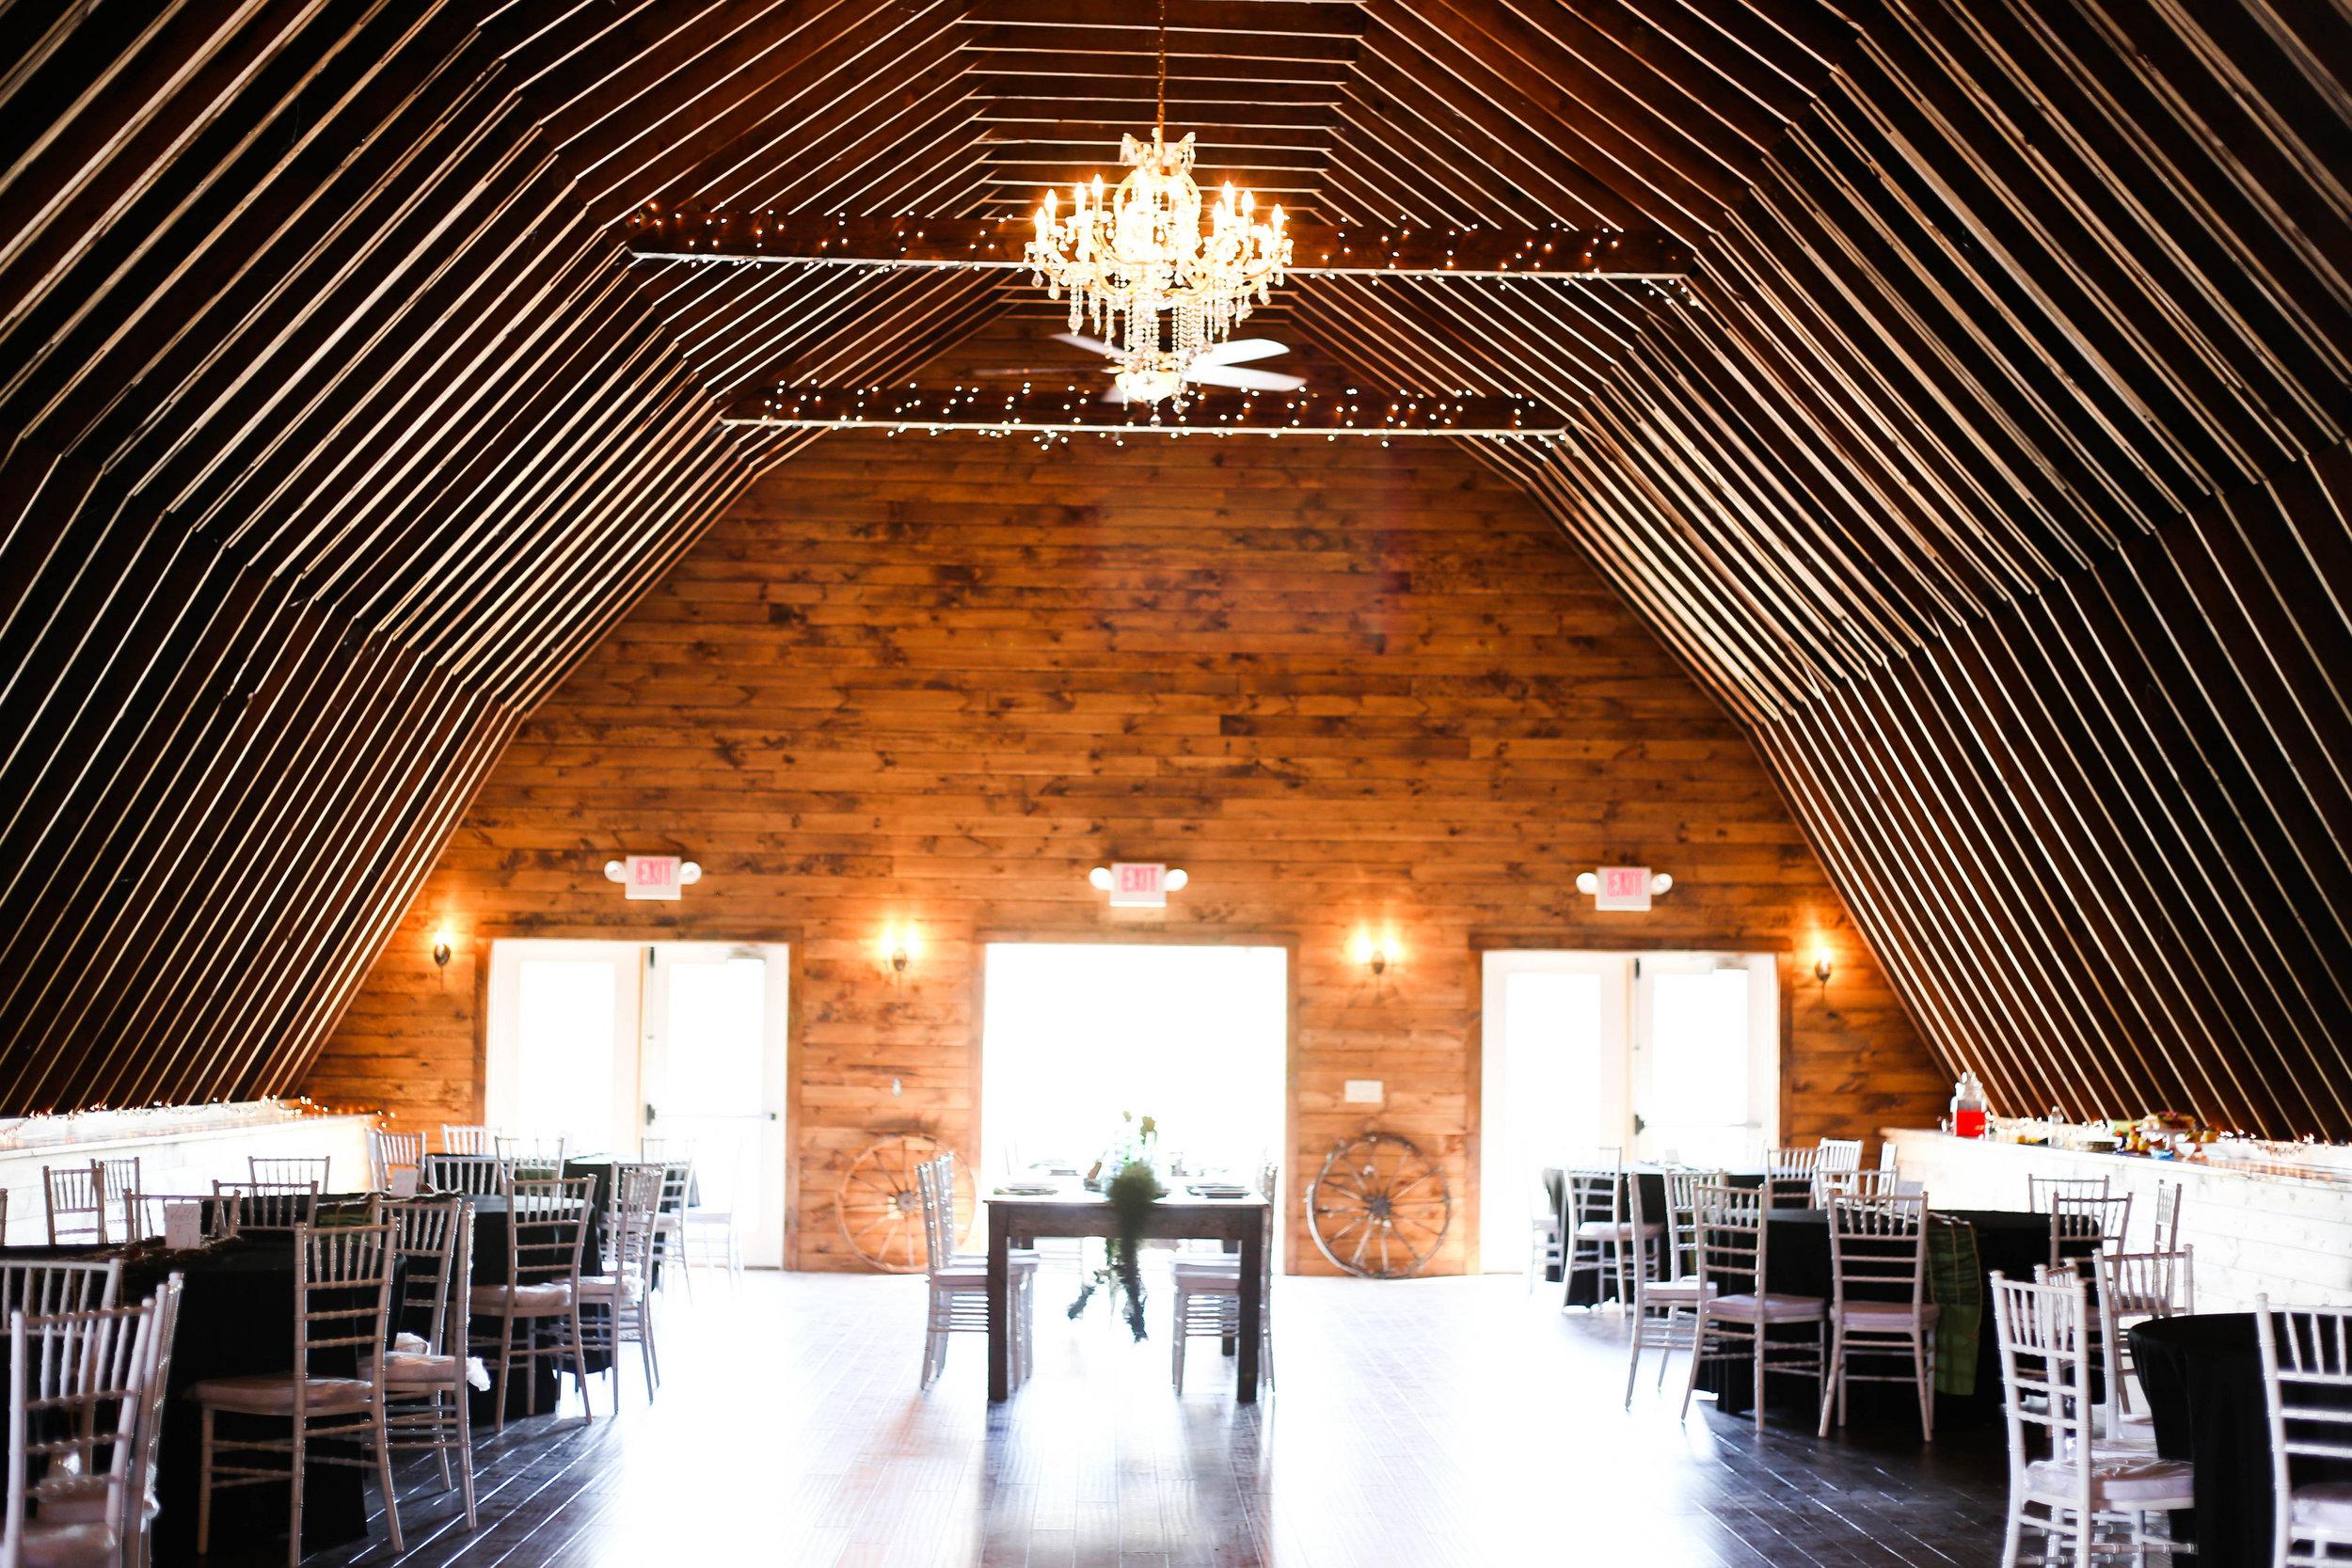 Tropical Barn Wedding Glistening Pond-edited-0250.jpg